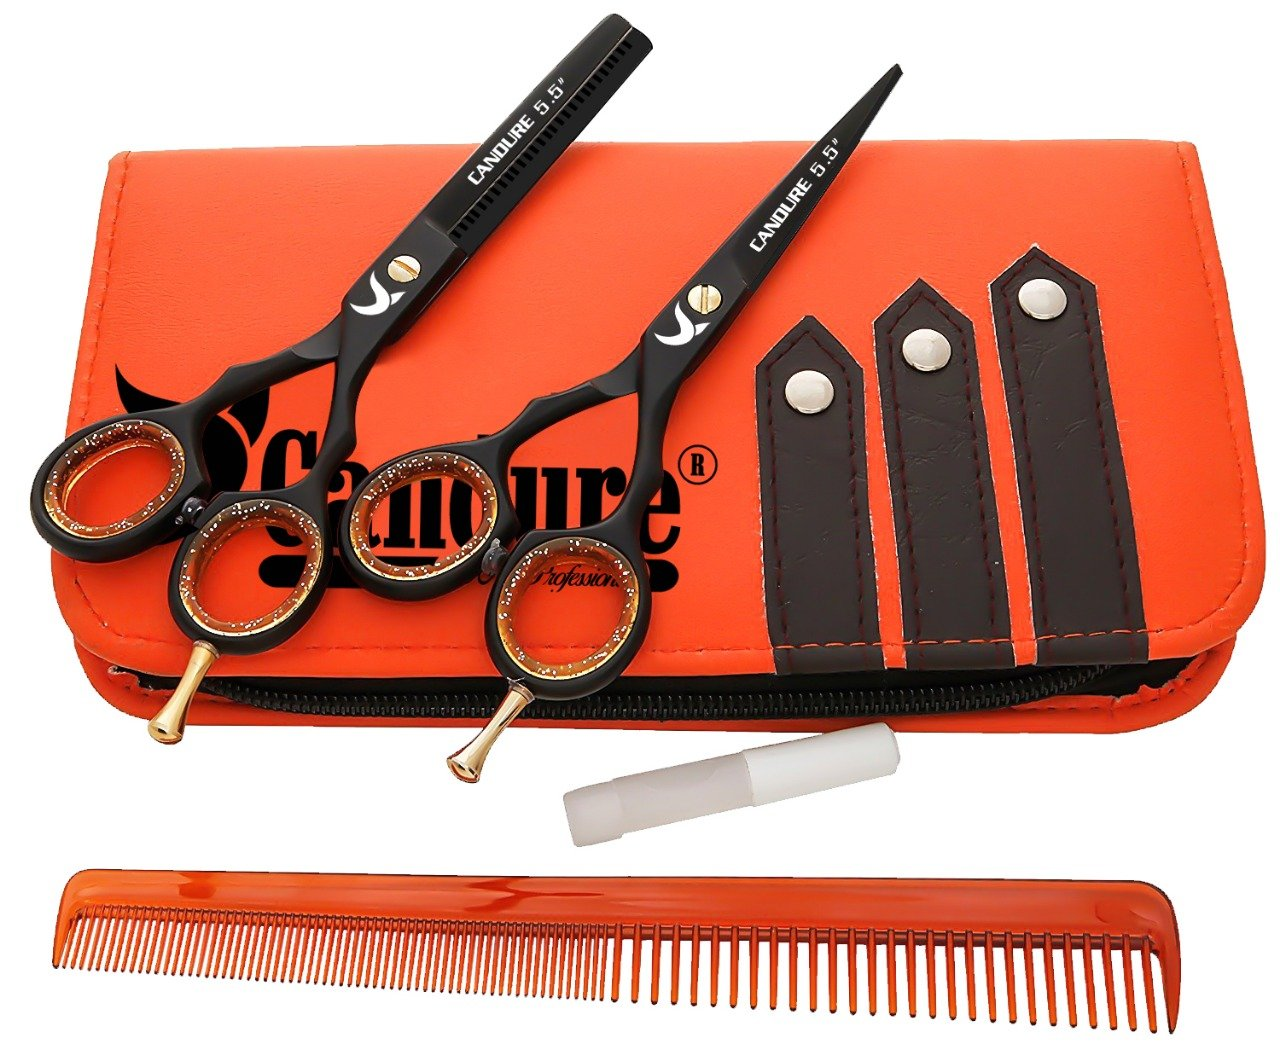 Friseurscheren - Haarscheren - Effilierschere Set 5.5 (13.97) Candue